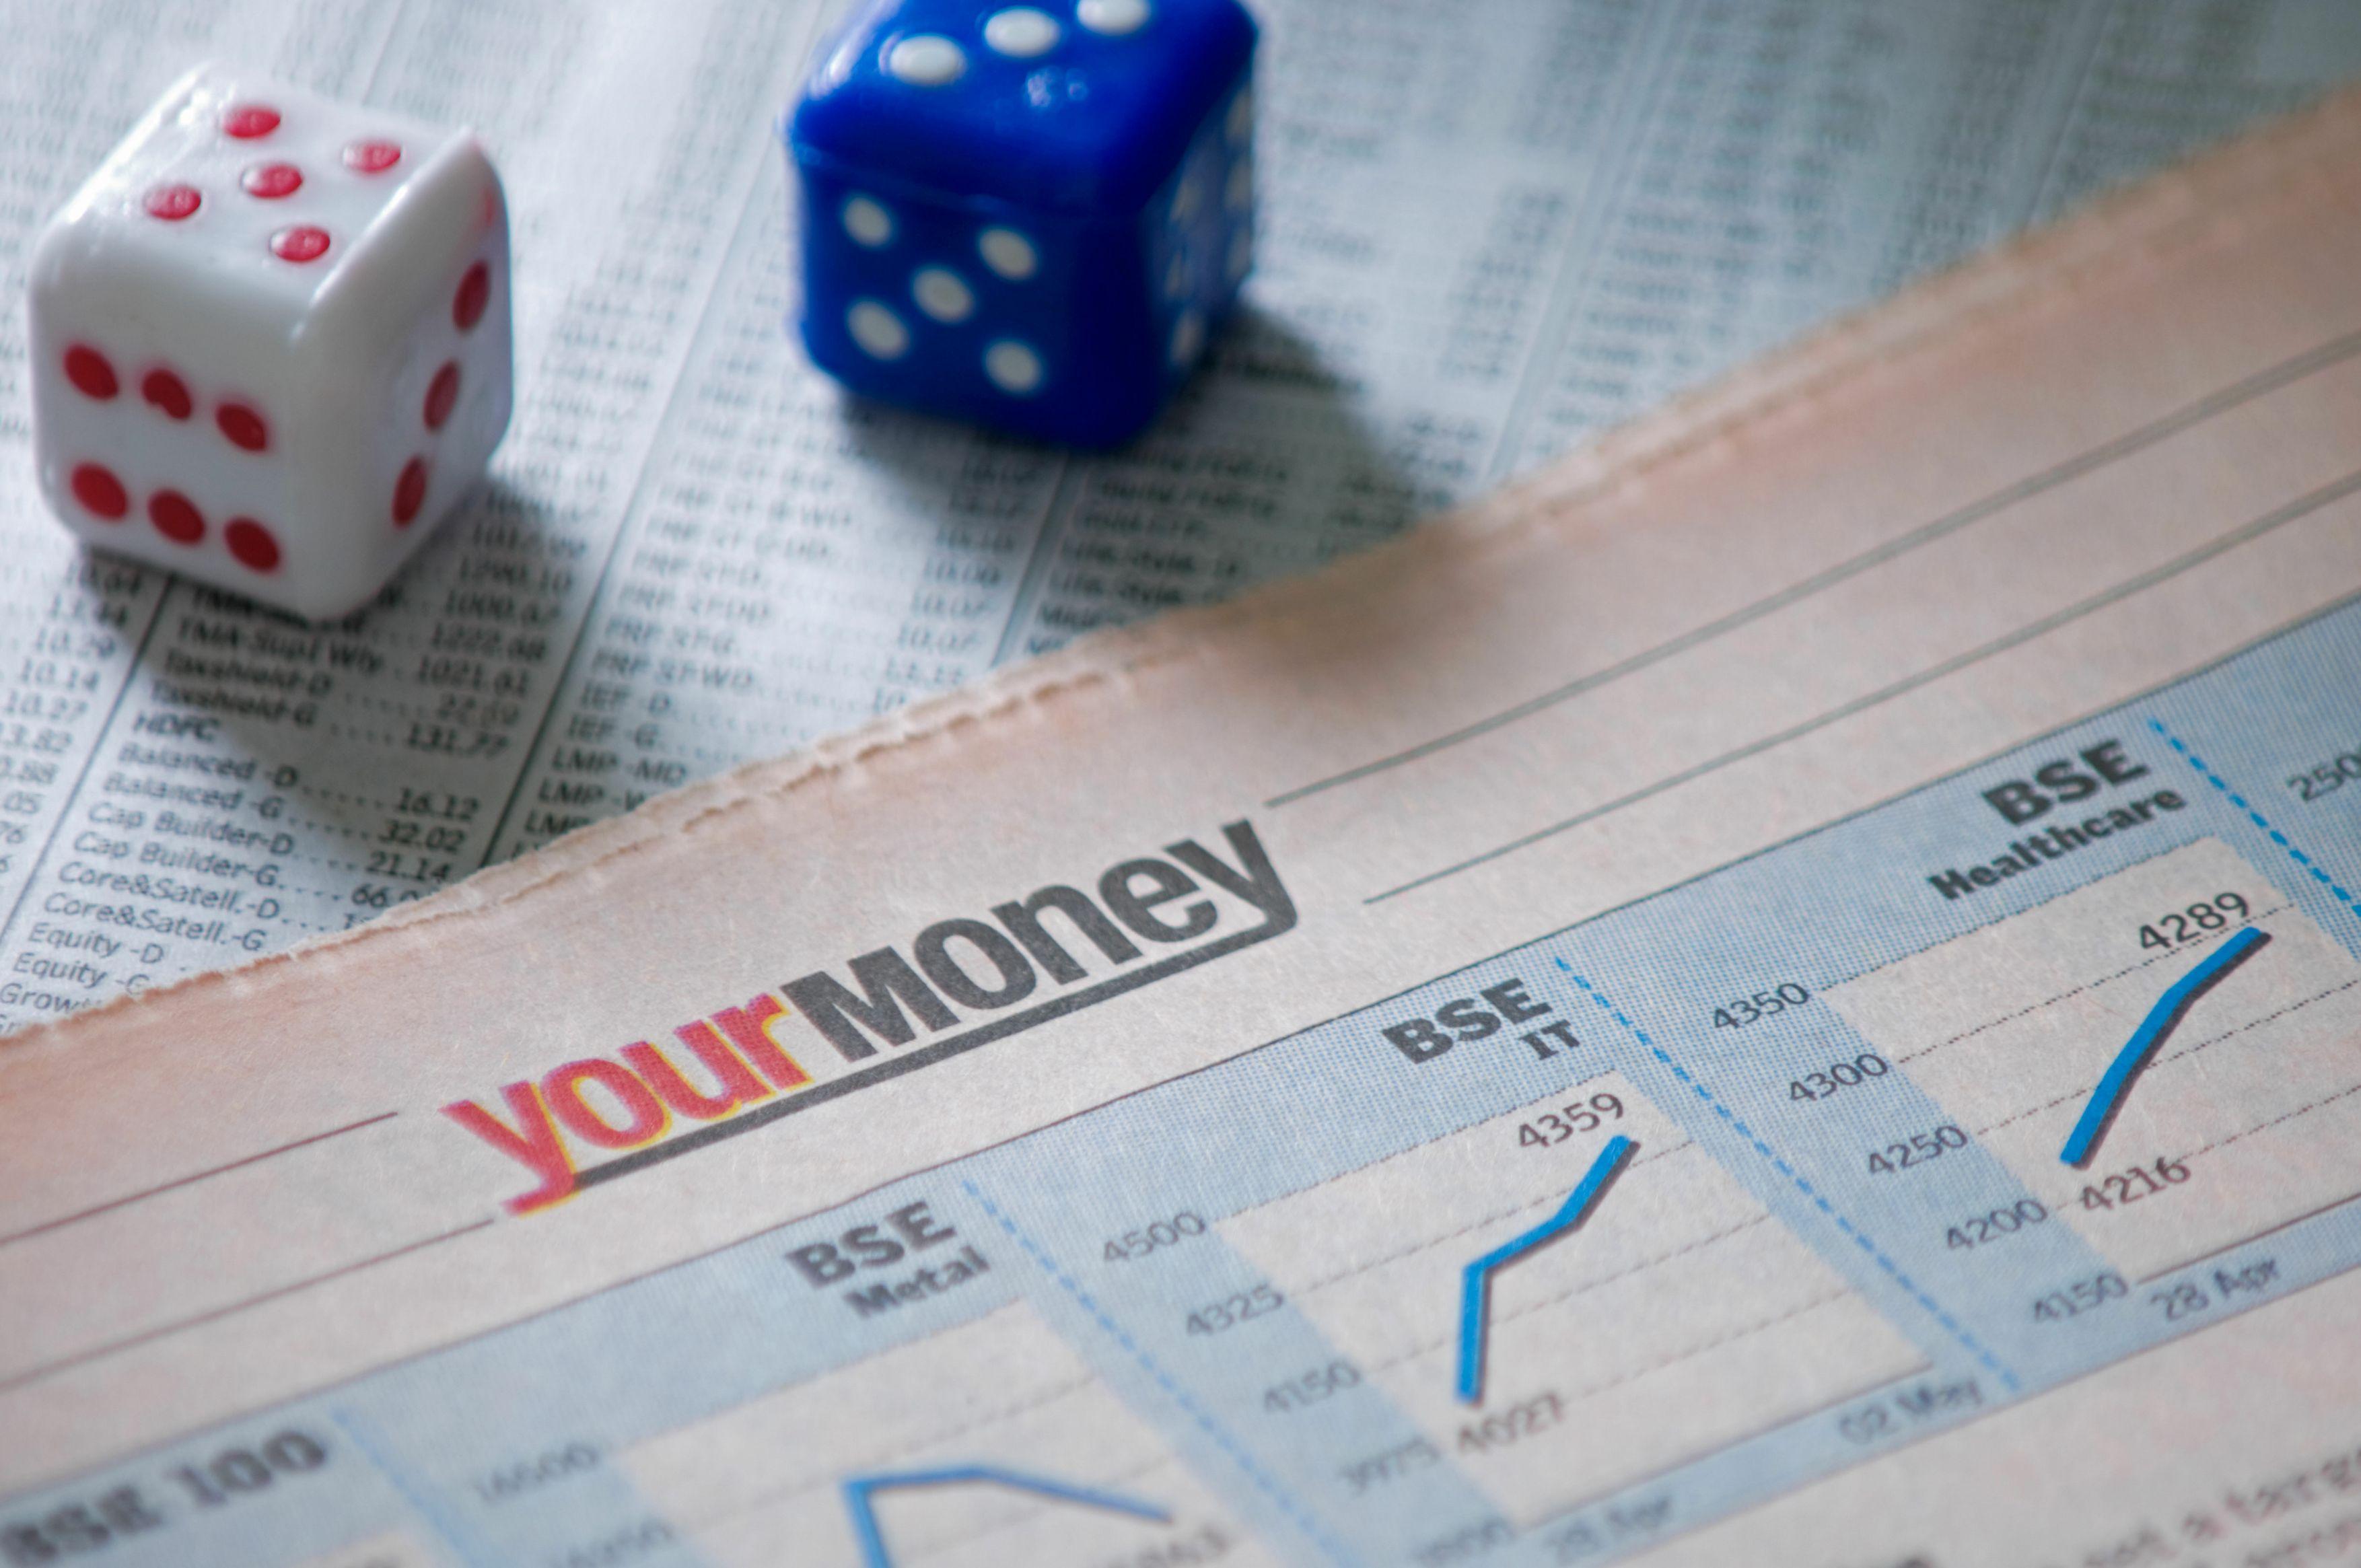 战略配售基金开启跨系统转托管 !累计已赚50亿